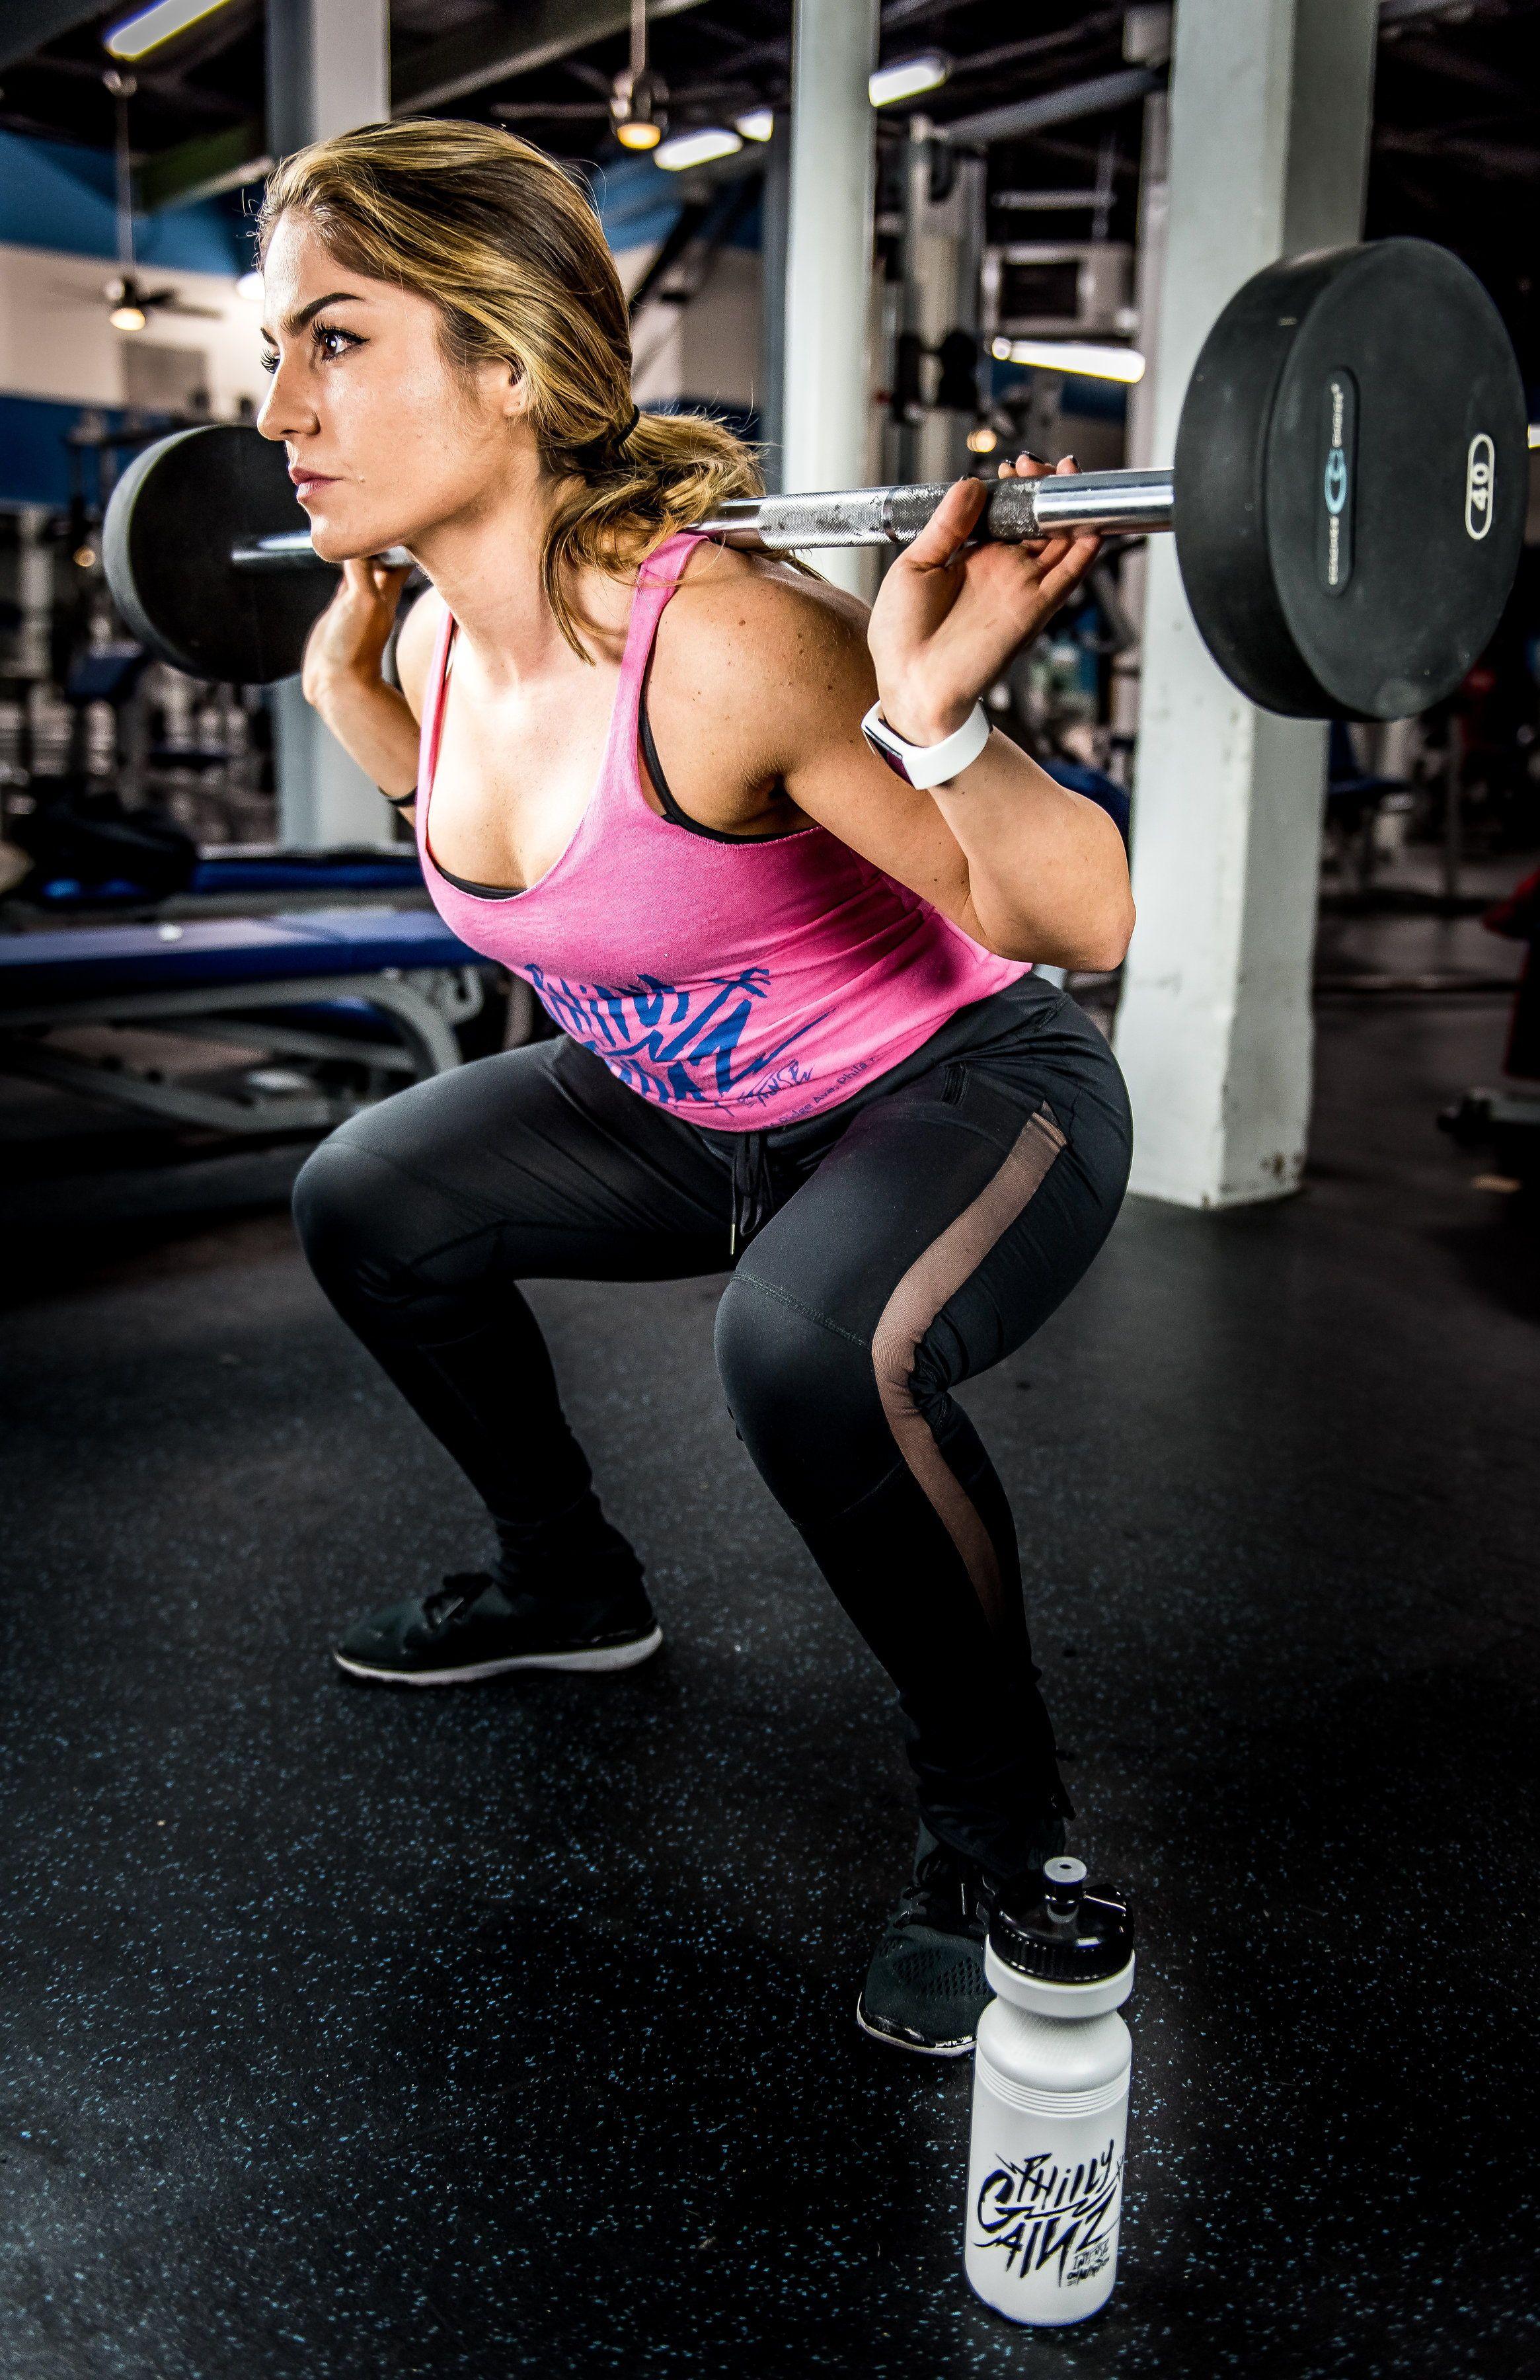 J J Studios Philadelphia Female Fitness Model Fit Chicks Fit Women